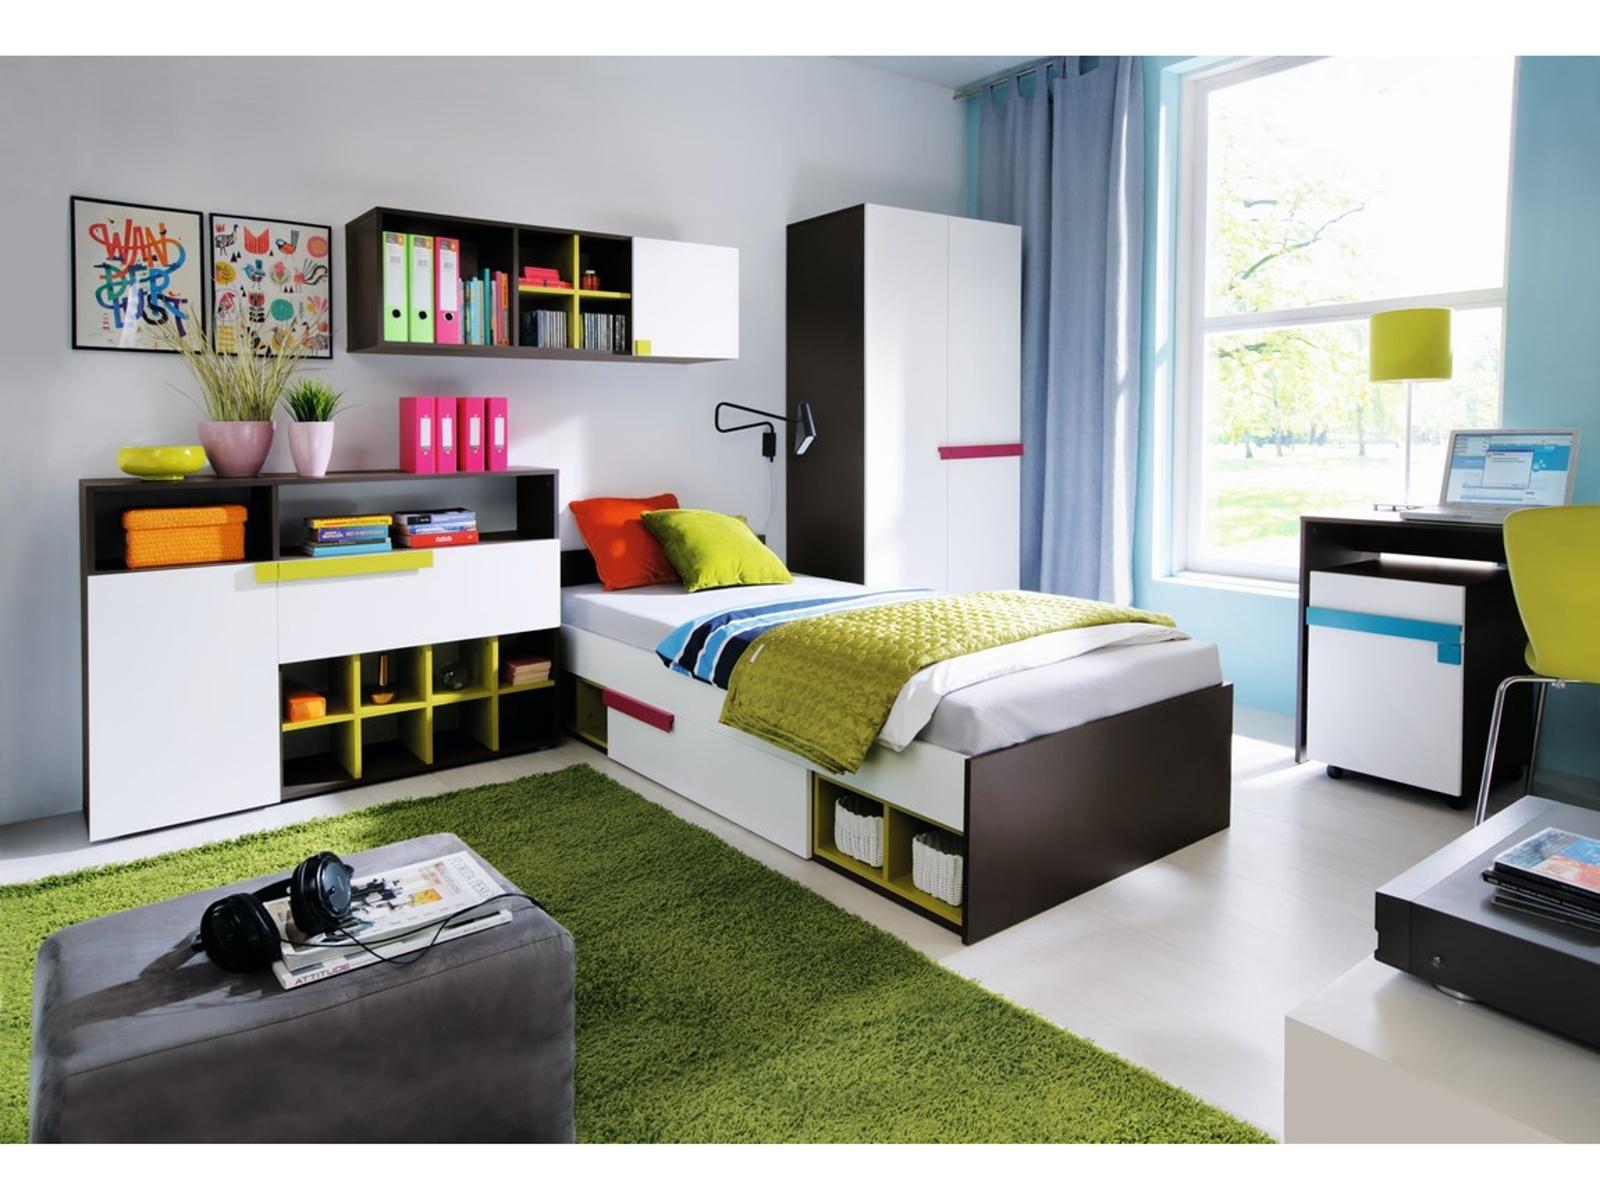 Smartshop Dětský pokoj LOBO, vzorová sestava 2, šedý grafit/bílá+fialová a iguara